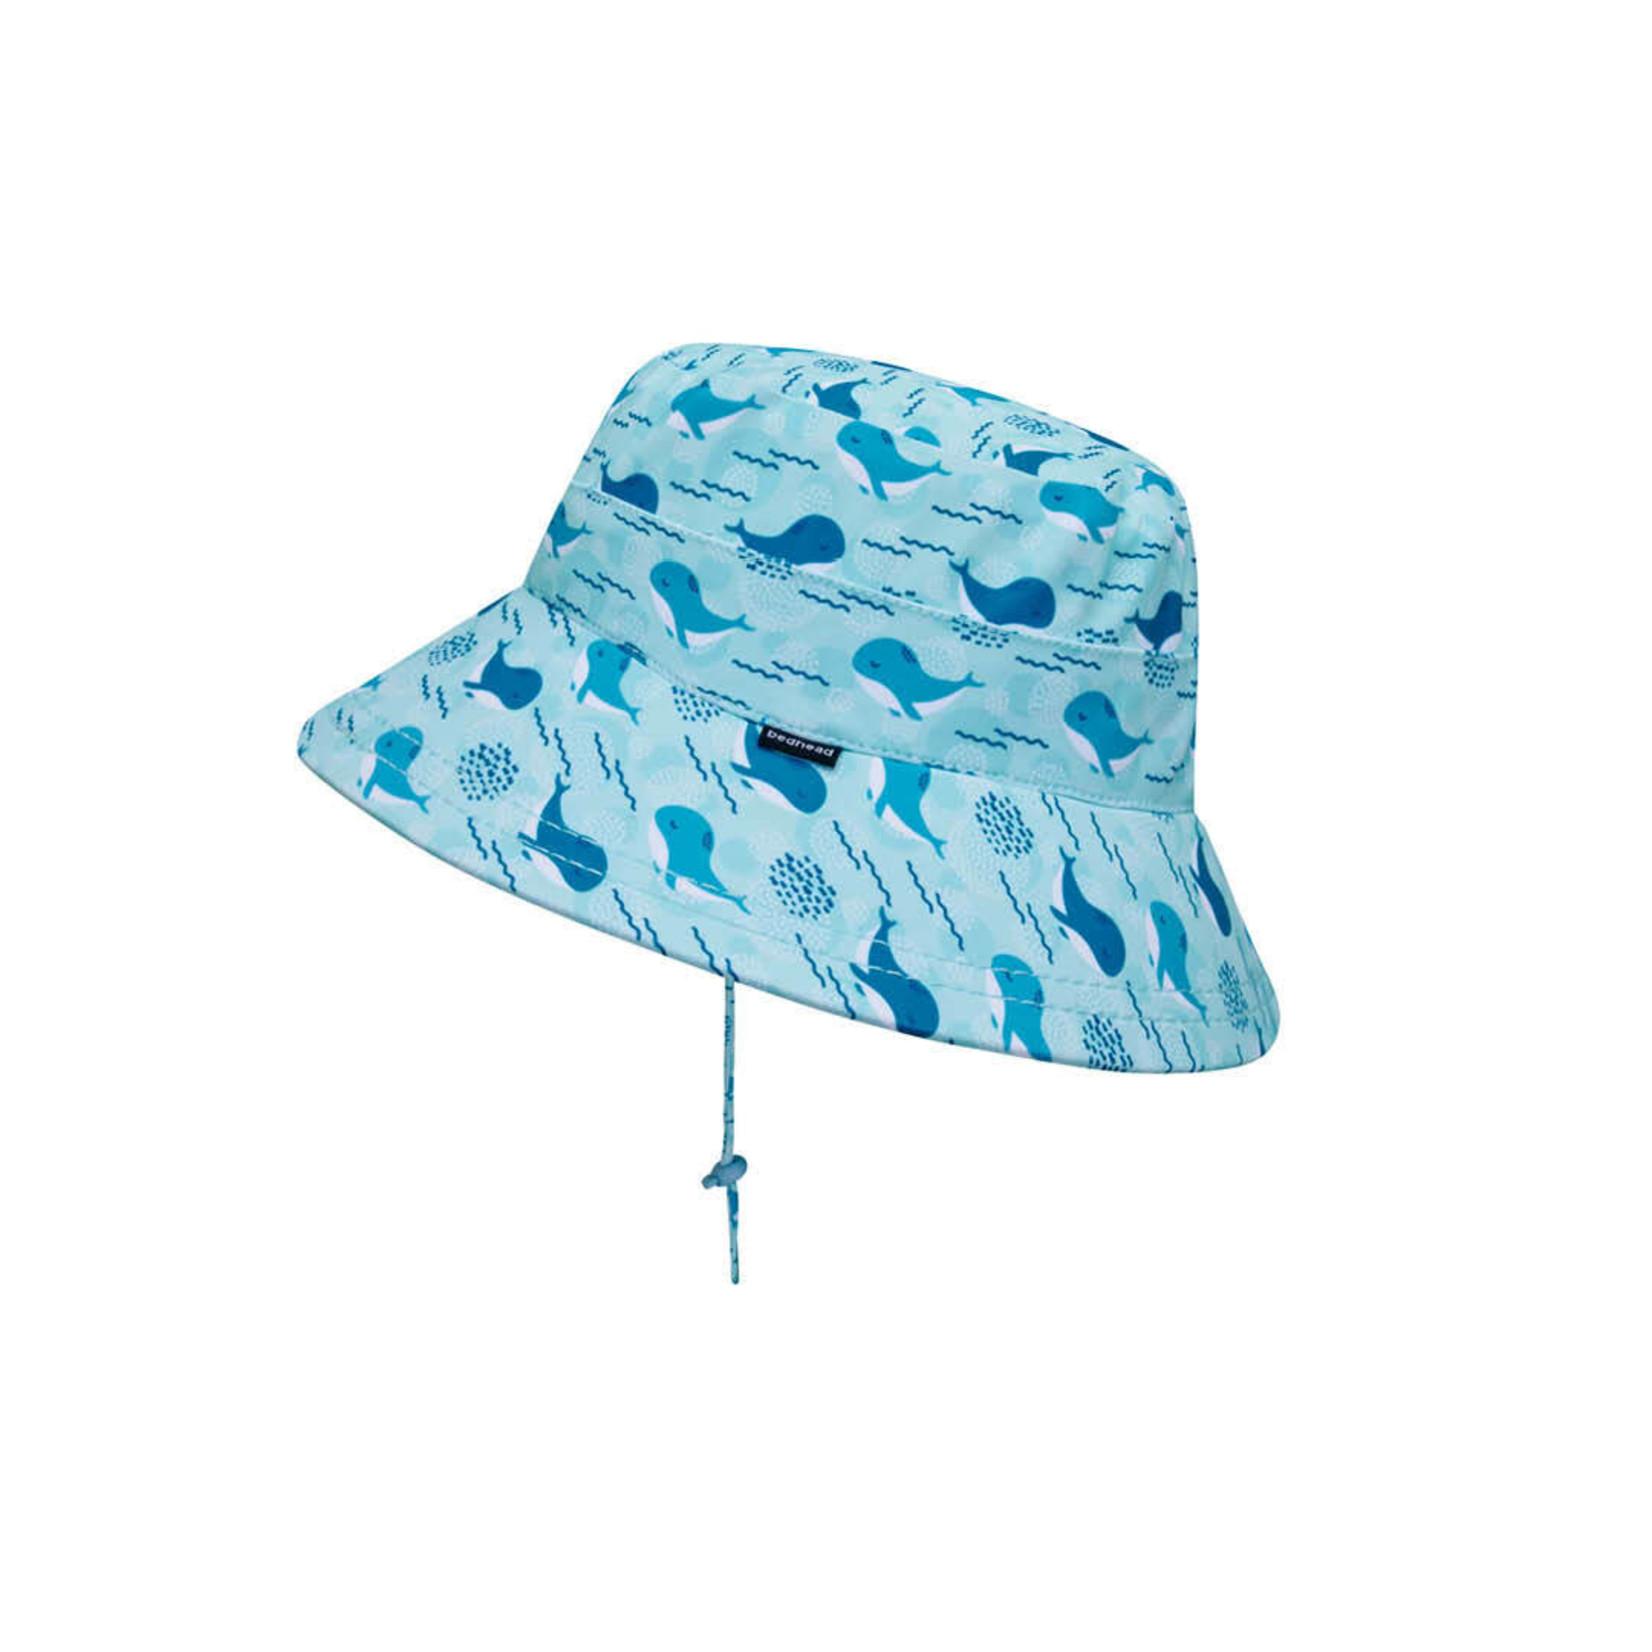 Bedhead Hats Bedhead Bucket Hat Swim - Whale